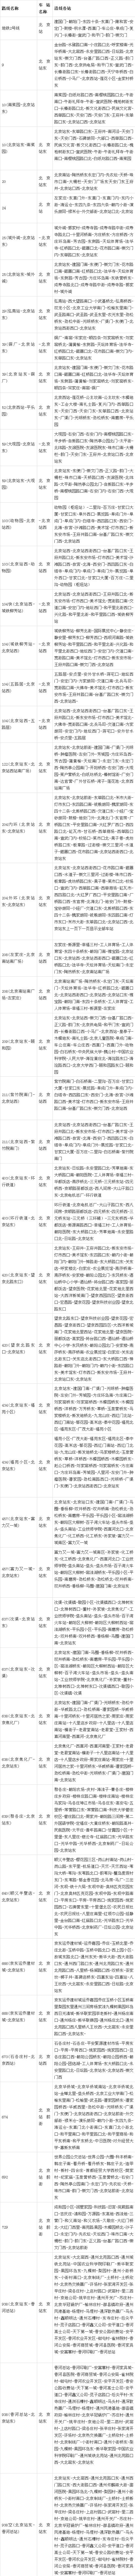 北京站公共交通信息表